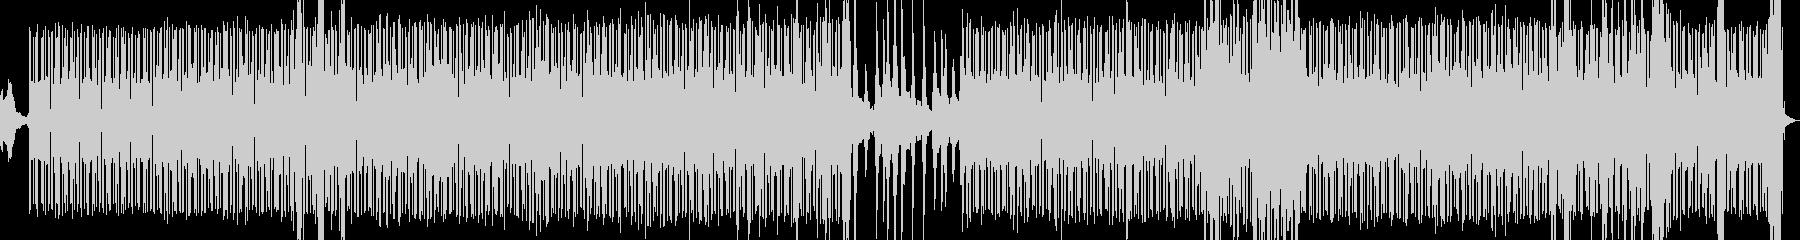 ビート感のあるアンビエント電子音楽の未再生の波形